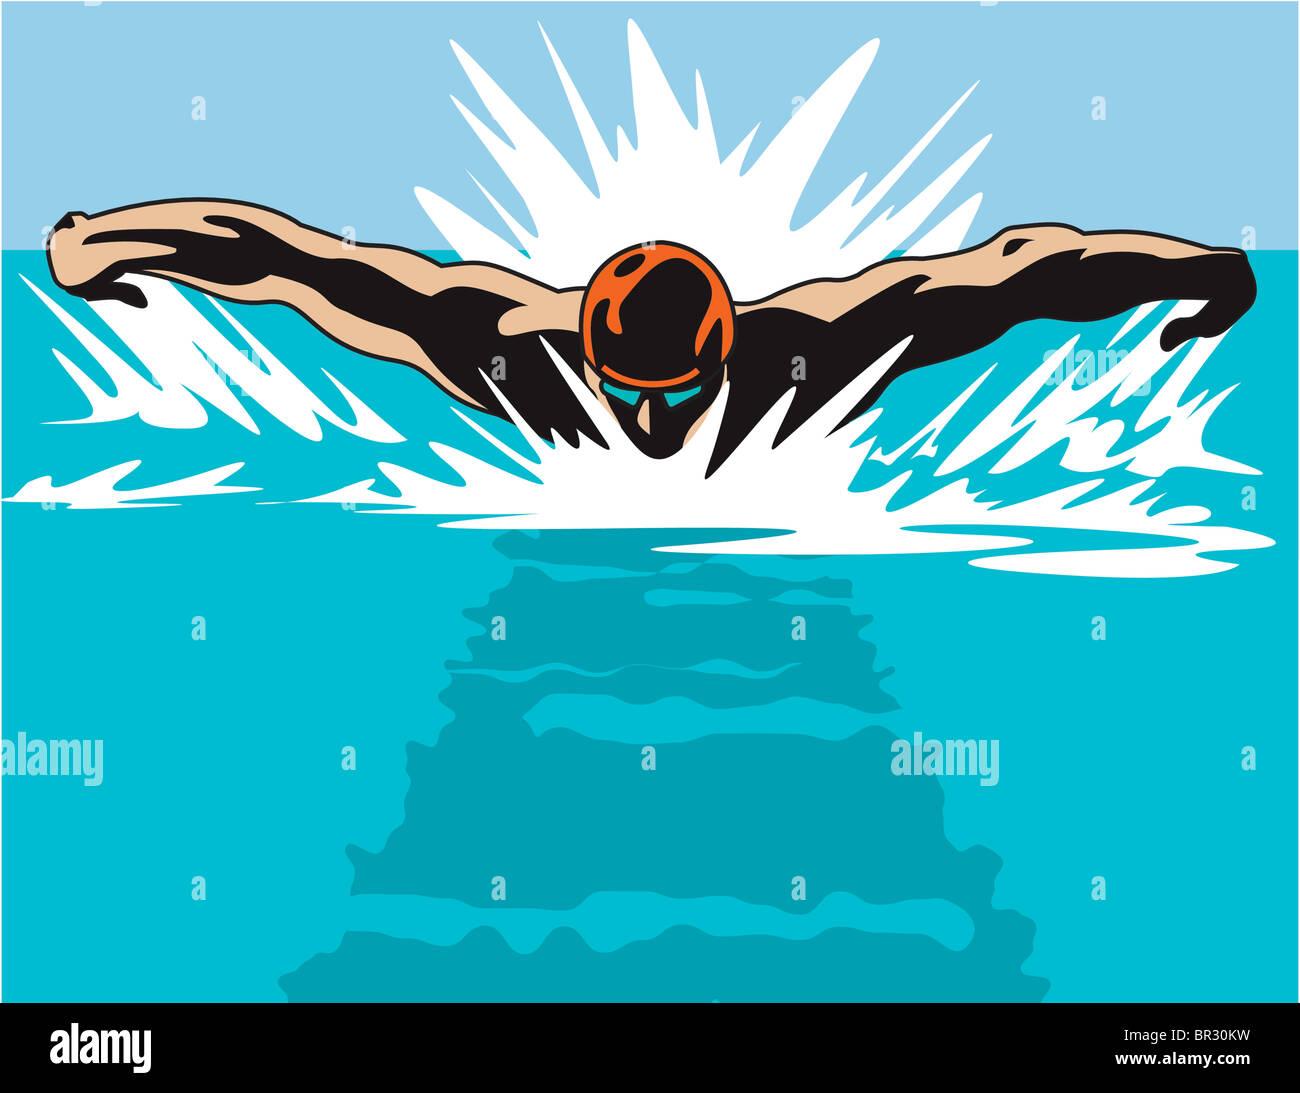 Une illustration d'un nageur d'un point de vue sur la tête Banque D'Images